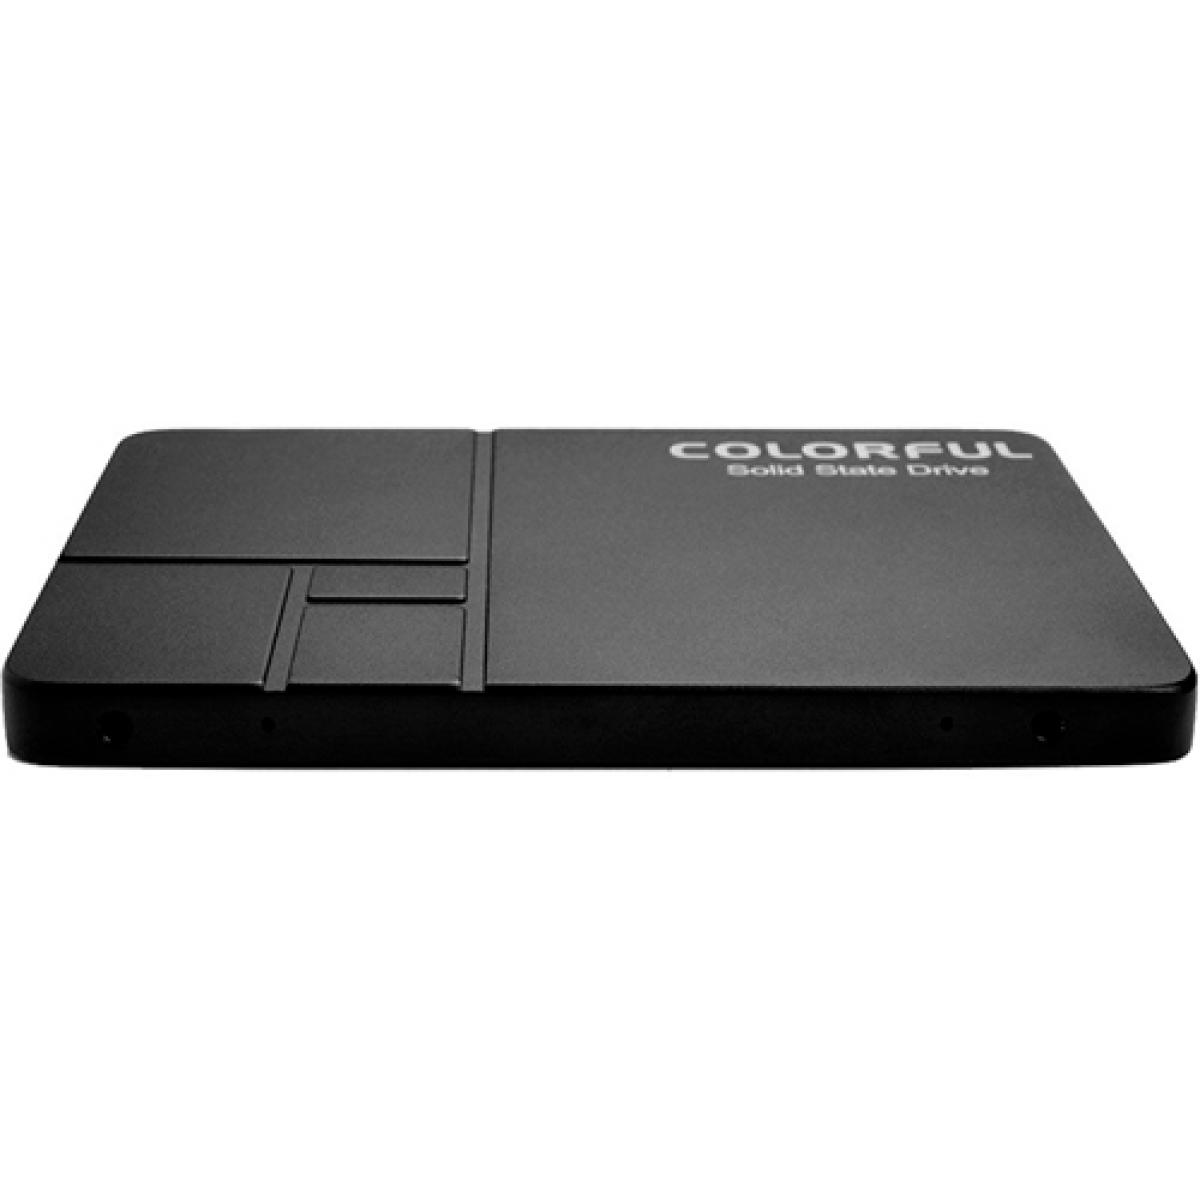 """SSD Colorful 120GB 2,5"""" Sata III - SL300-120GB-SB14GE"""